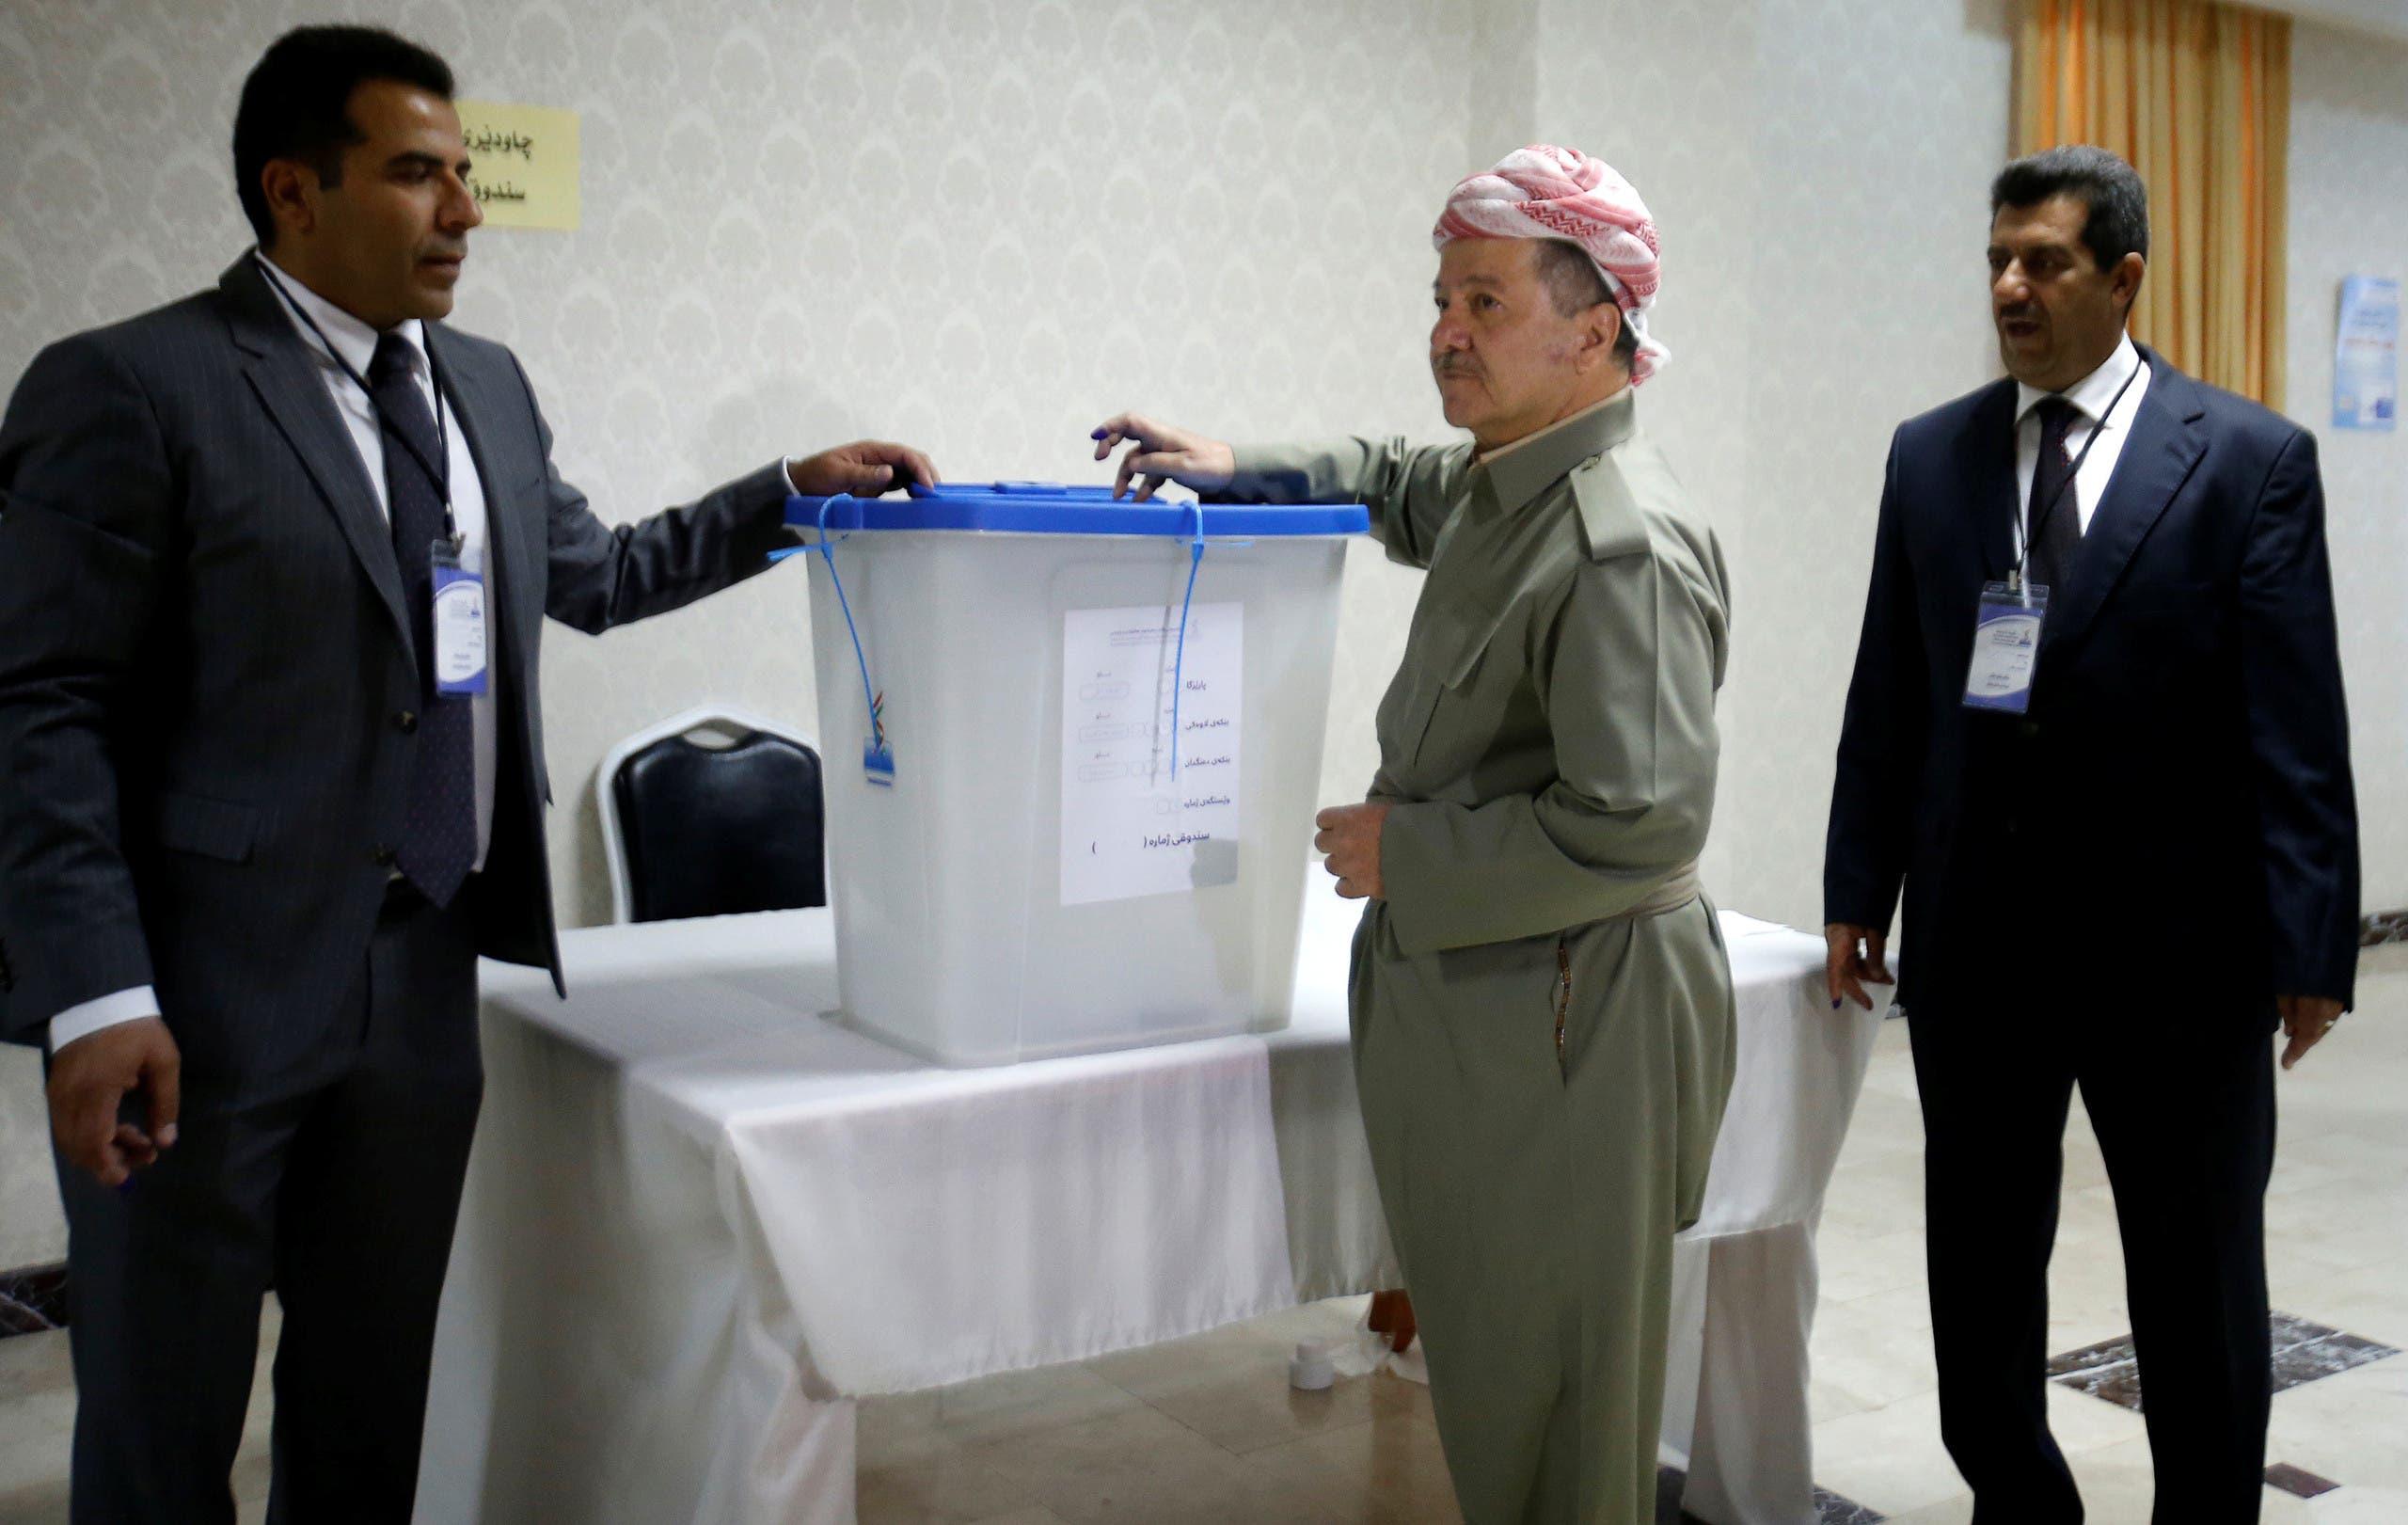 بارزاني خلال تصويته على الاستفتاء